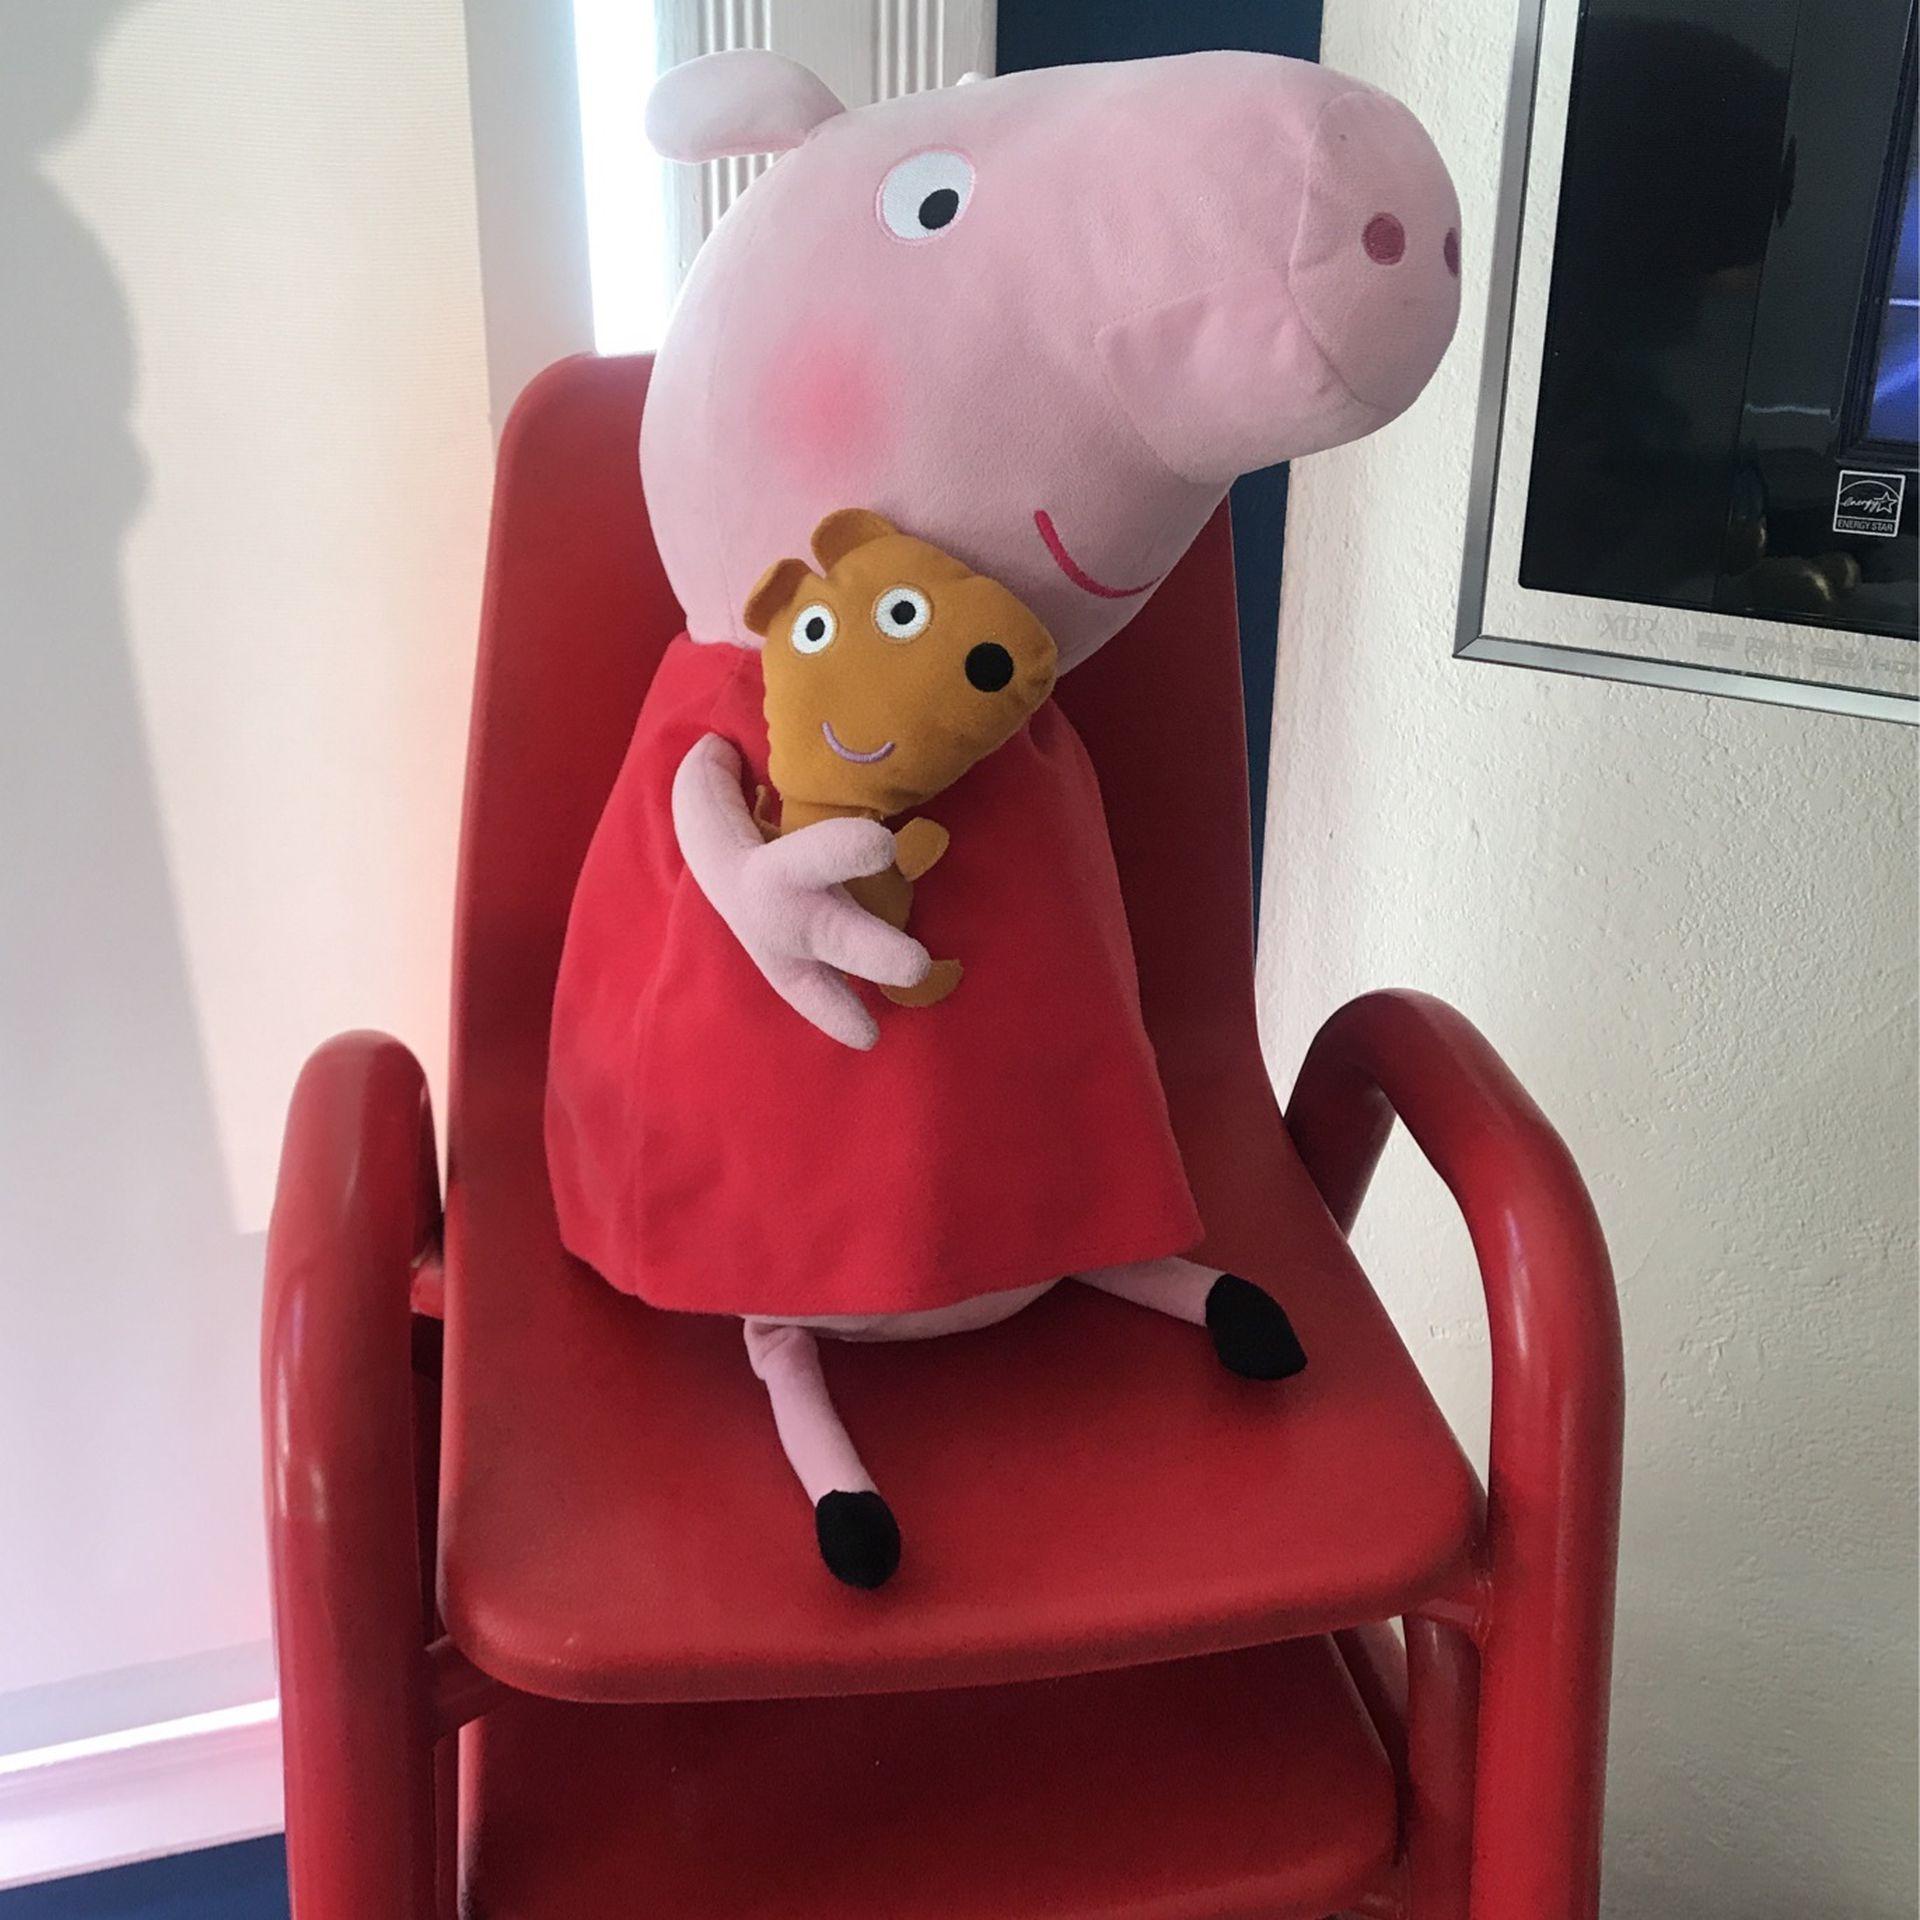 Large Peppa pig Stuffy